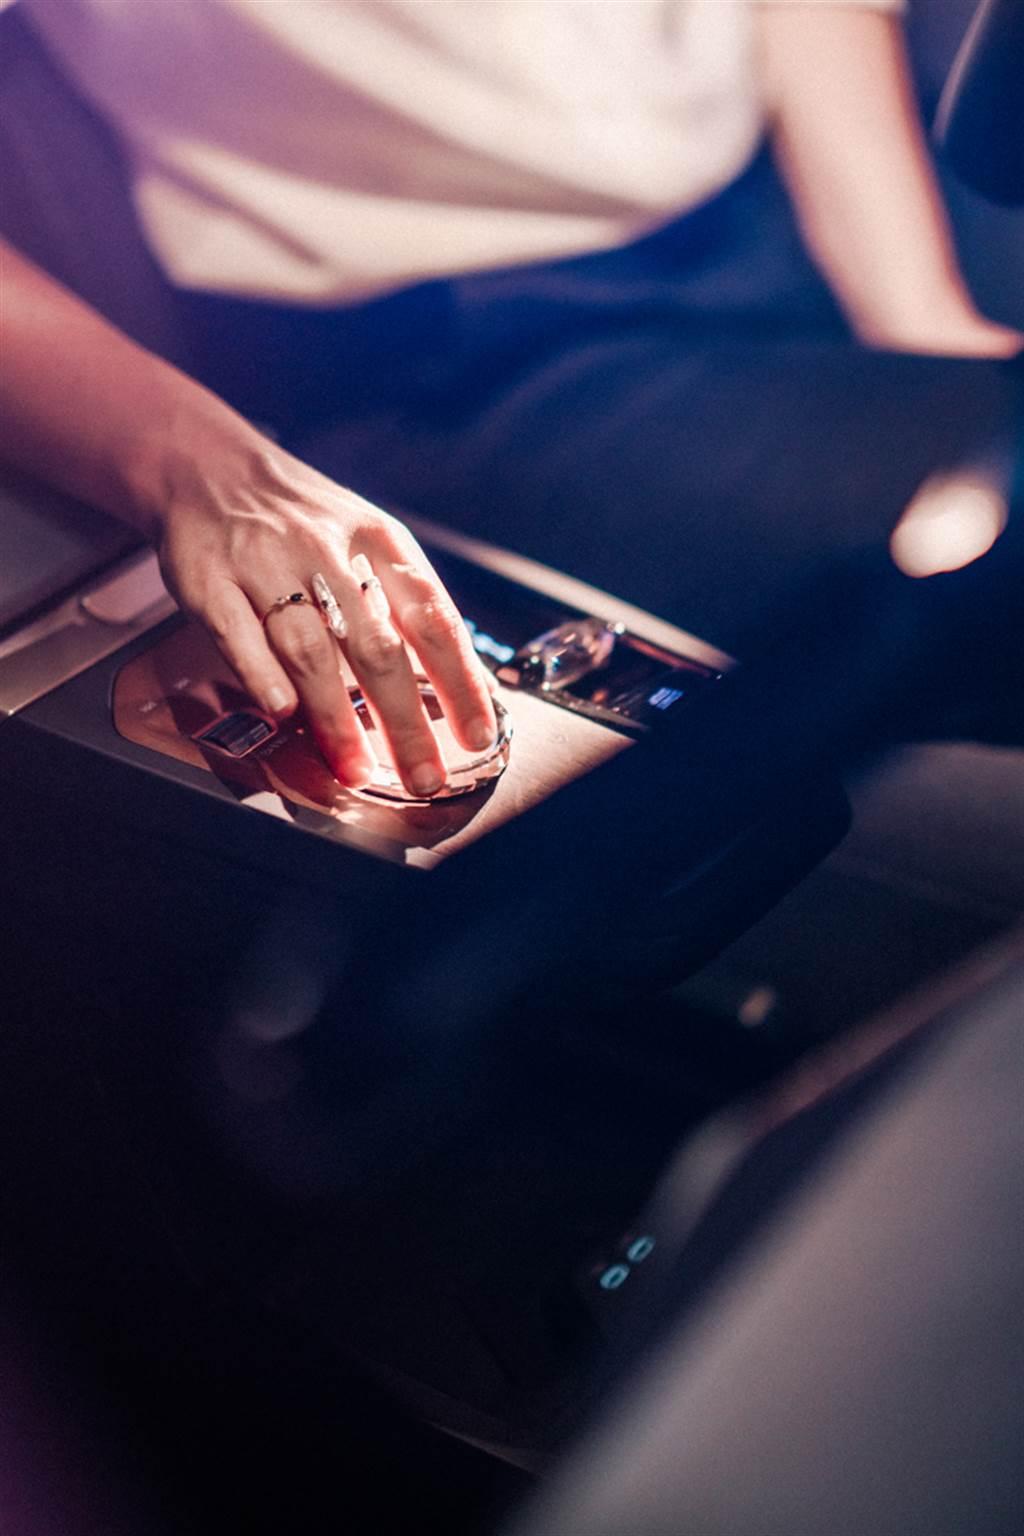 迎合未來數位化用車趨勢 BMW於CES 2021發表新世代iDrive系統與螢幕科技